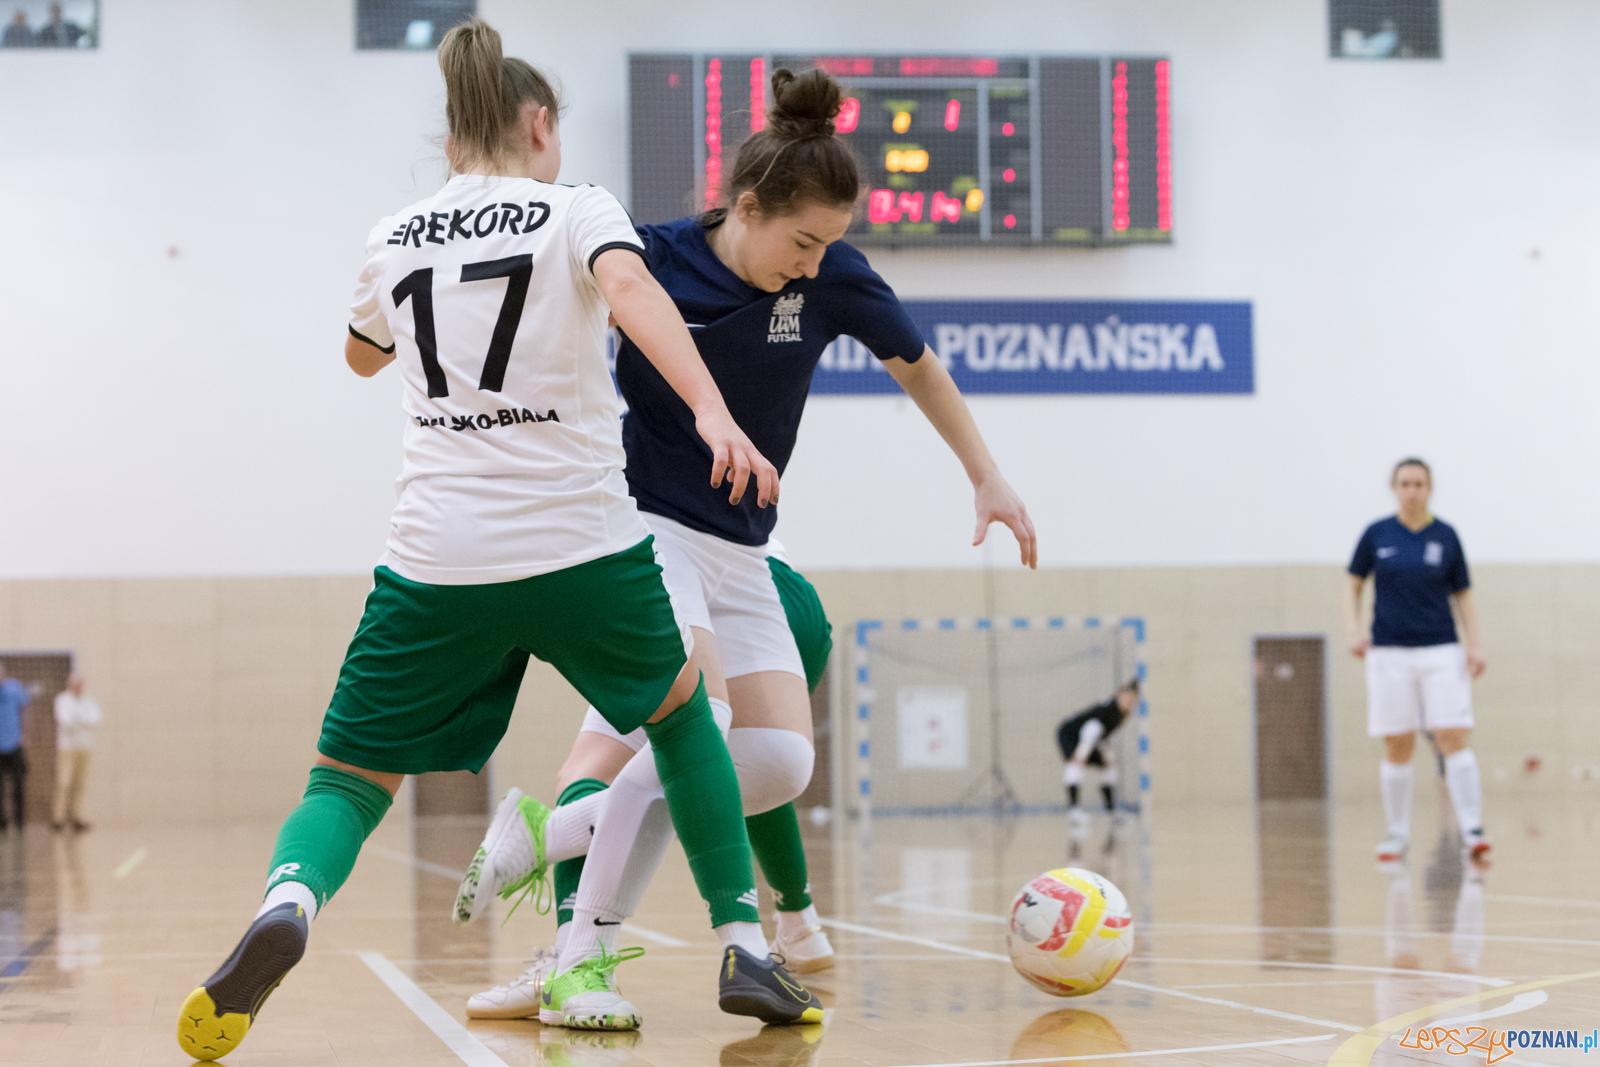 AZS UAM POZNAŃ Futsal Kobiet - BTS Rekord  Foto: lepszyPOZNAN.pl/Piotr Rychter